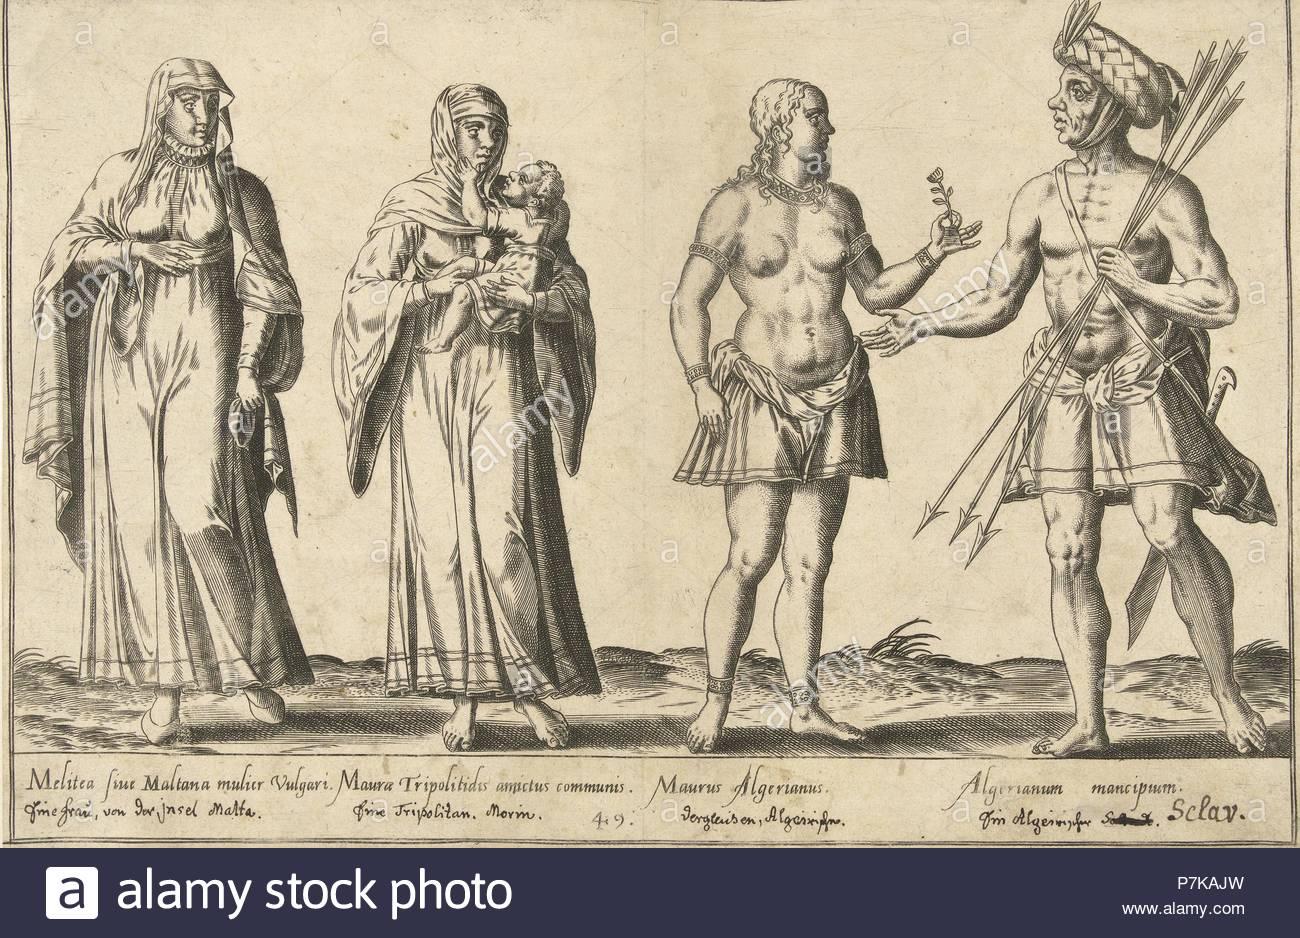 Mediterranean People around 1580, Abraham de Bruyn, Joos de Bosscher, 1581.